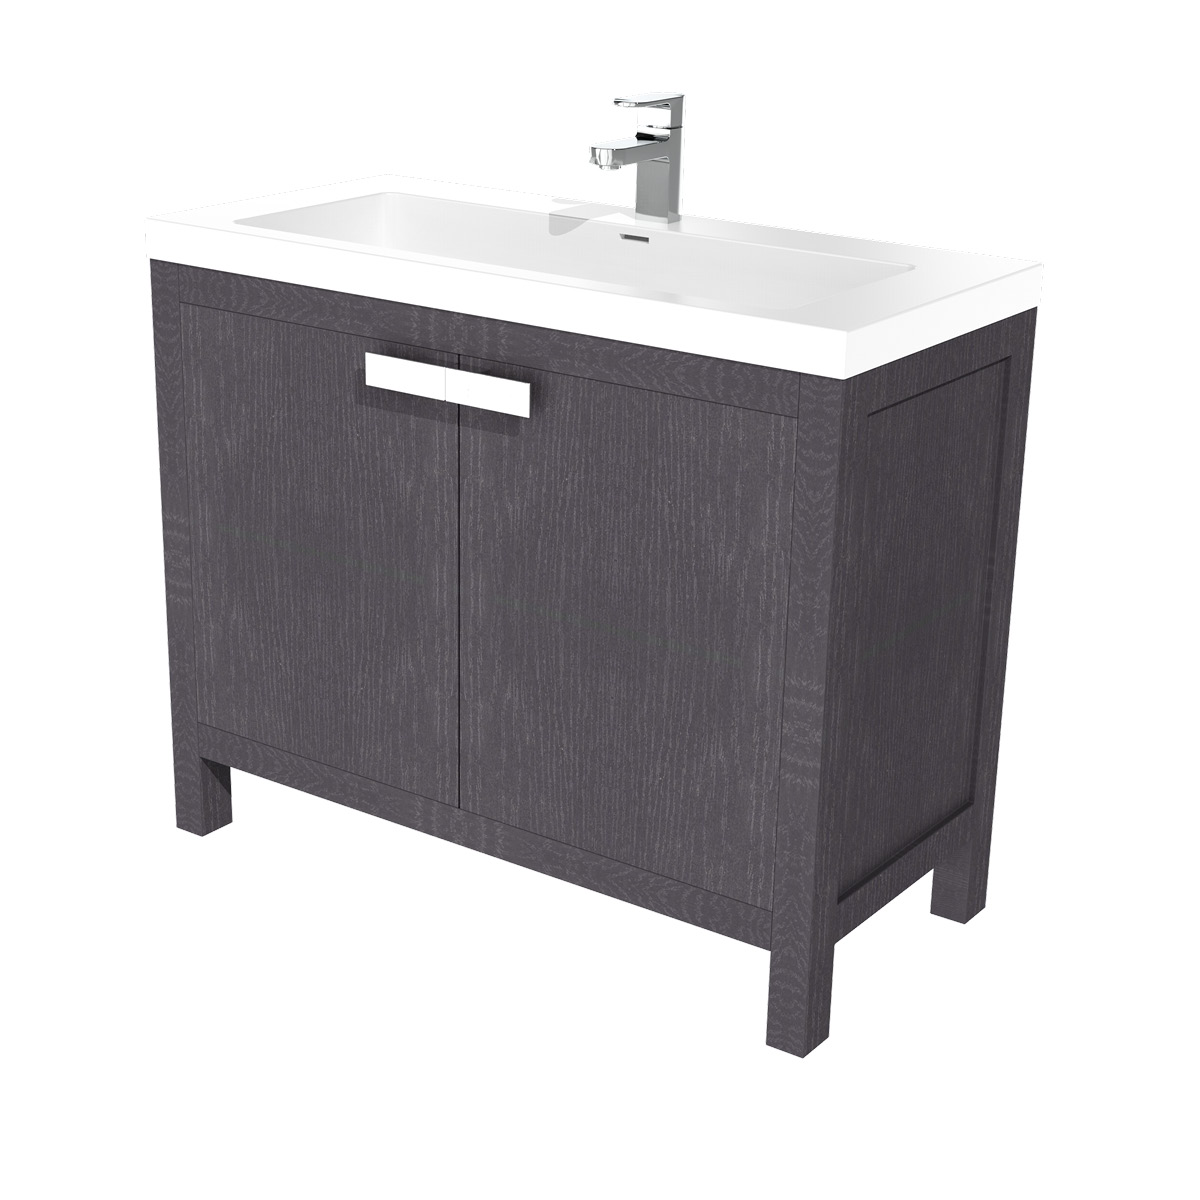 barcelona waschtisch set 100 cm eiche schwarz badewelt badezimmer m bel. Black Bedroom Furniture Sets. Home Design Ideas